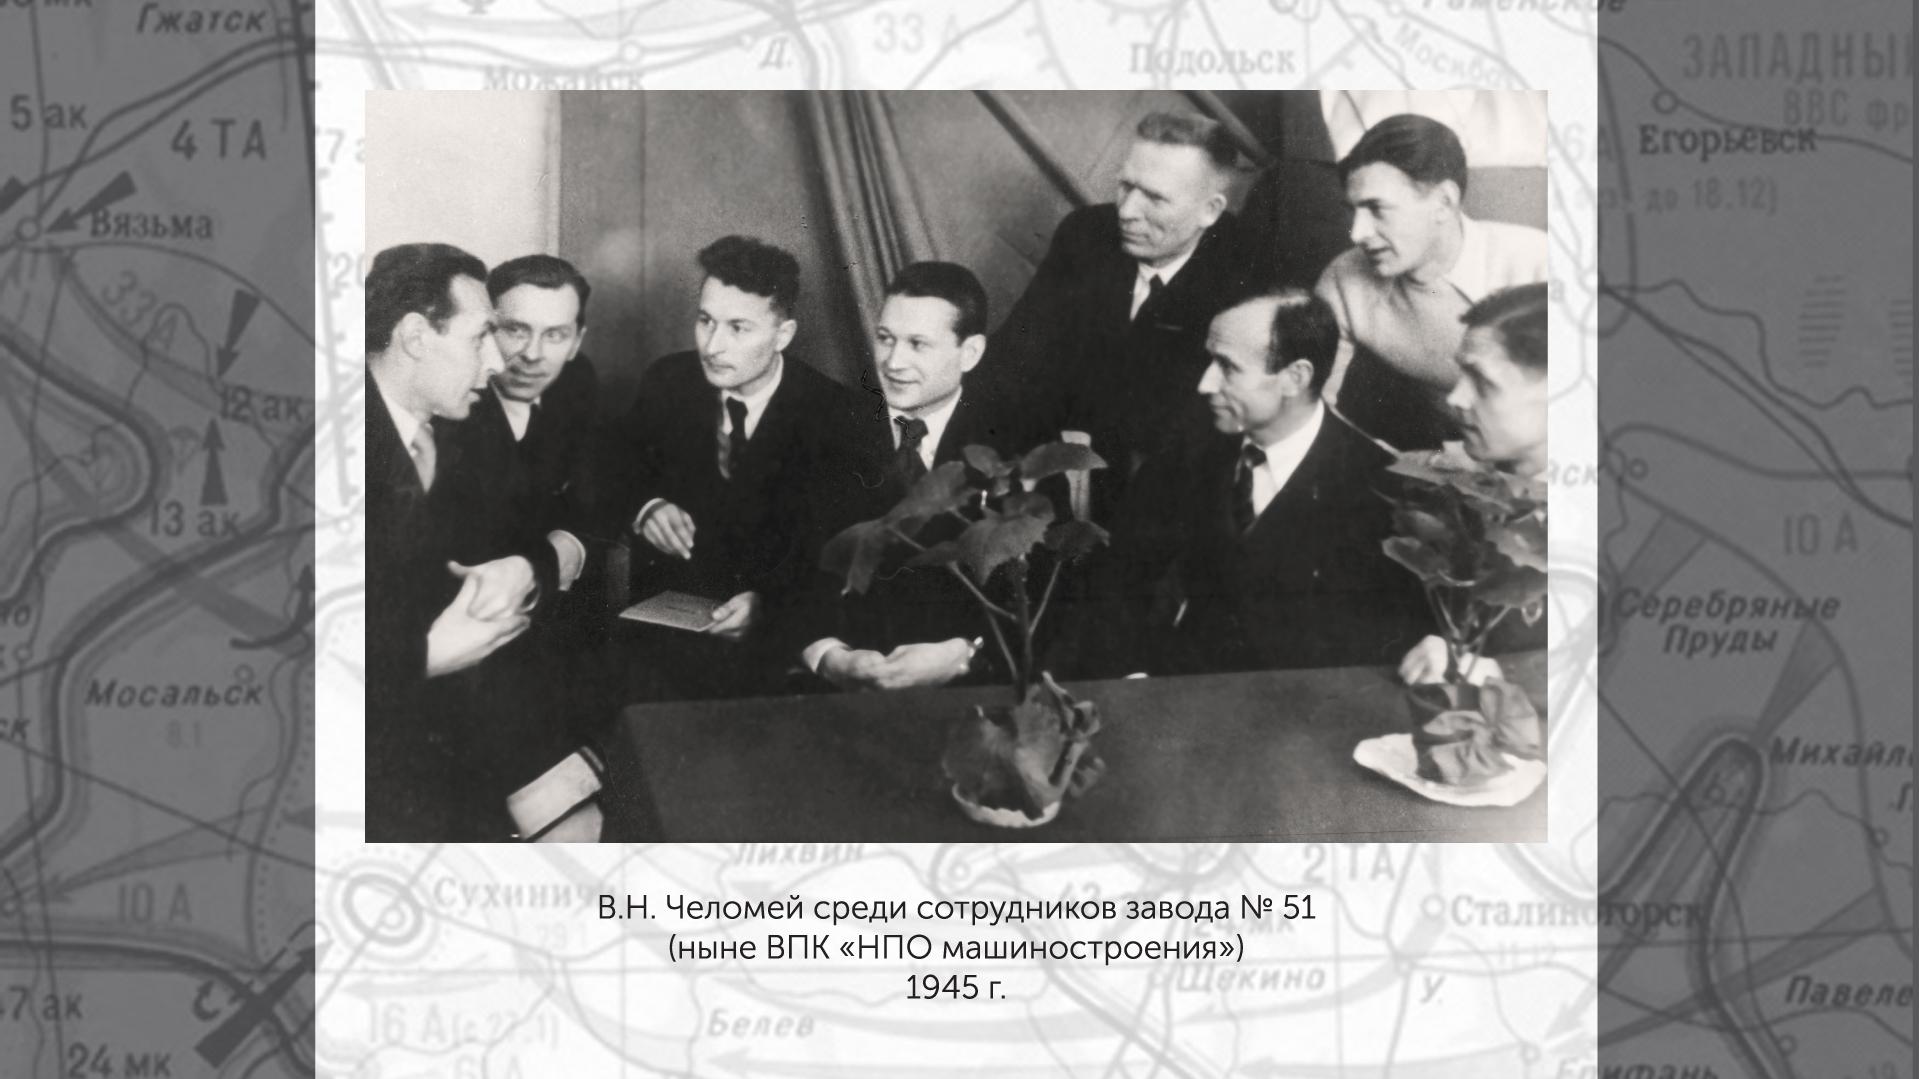 В.Н. Челомей среди сотрудников завода №51